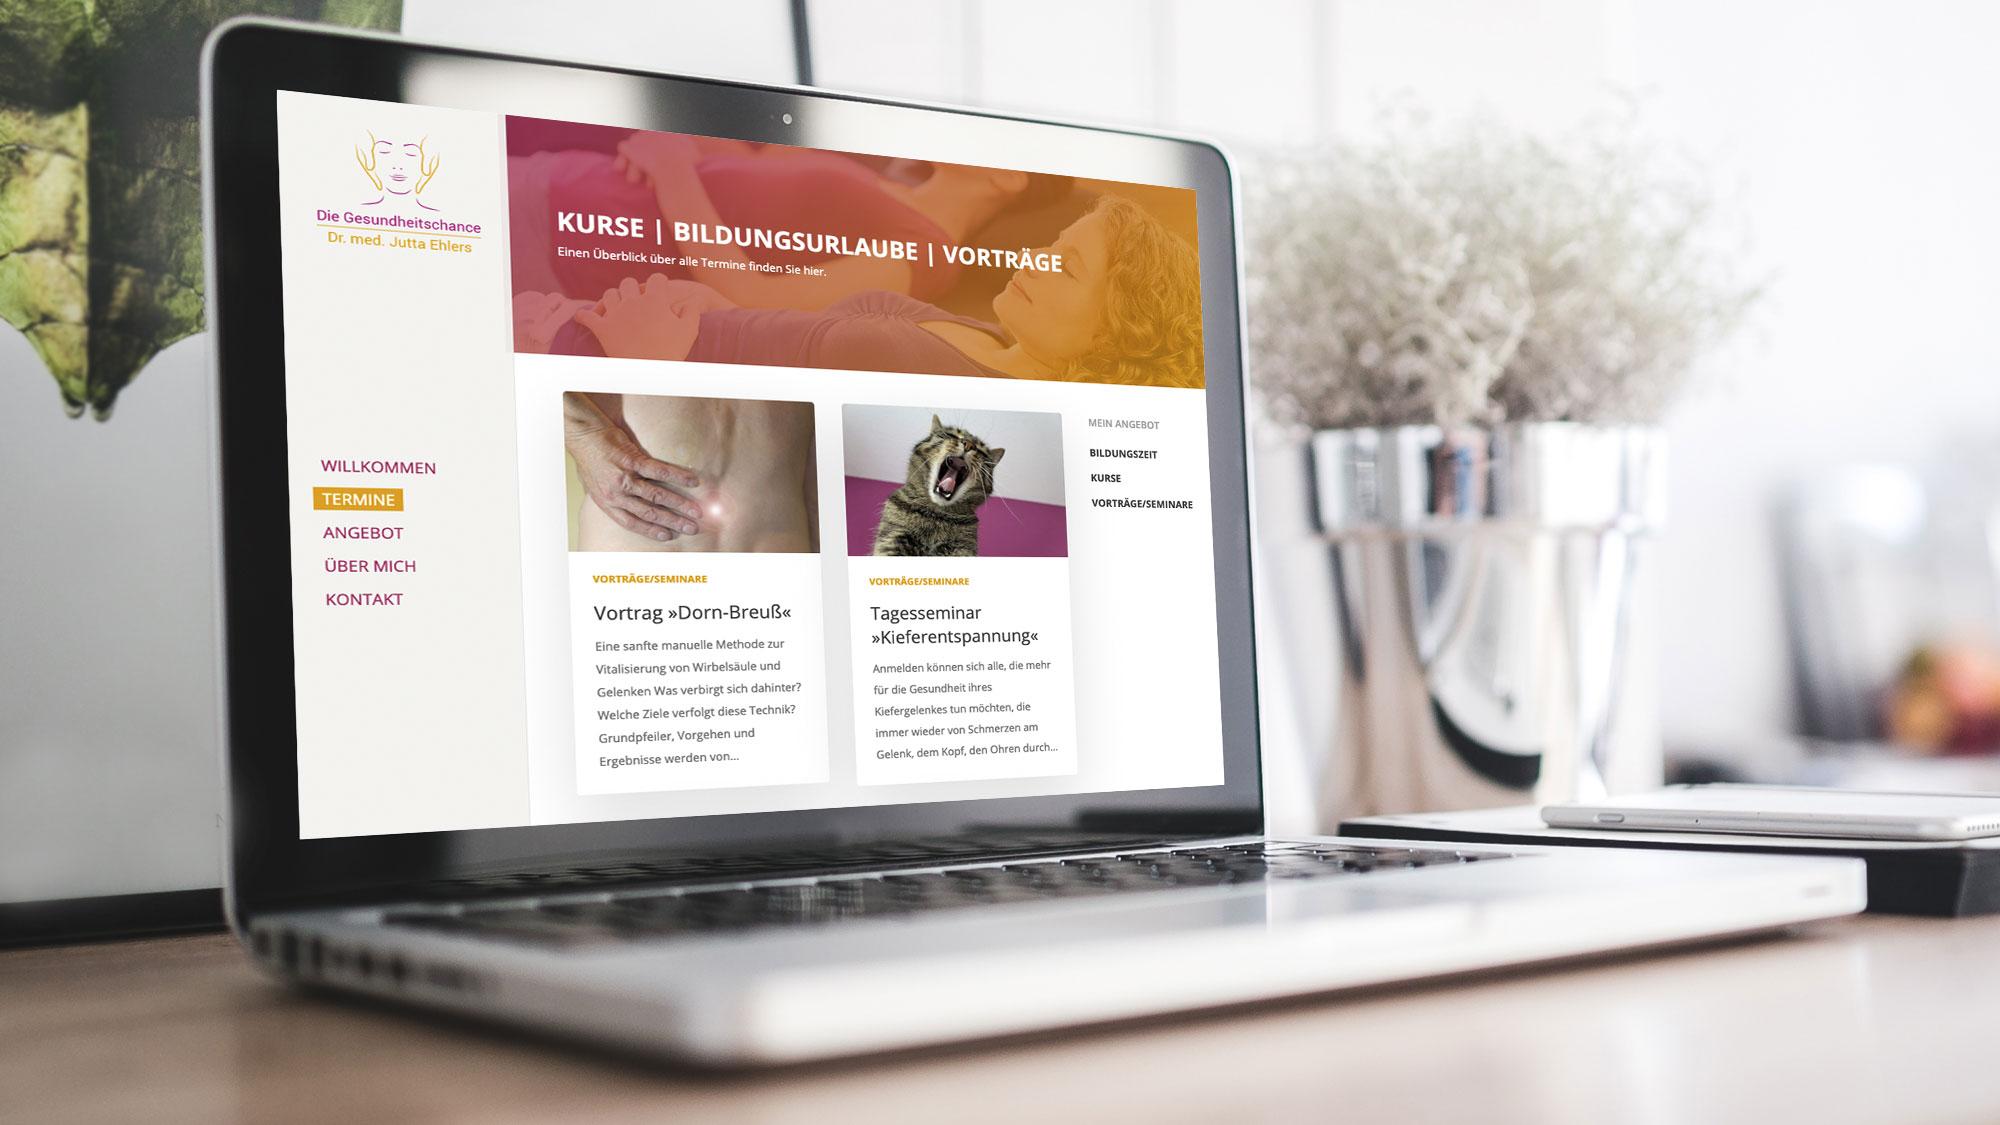 gesundheitsschance-webdesign-website-verden